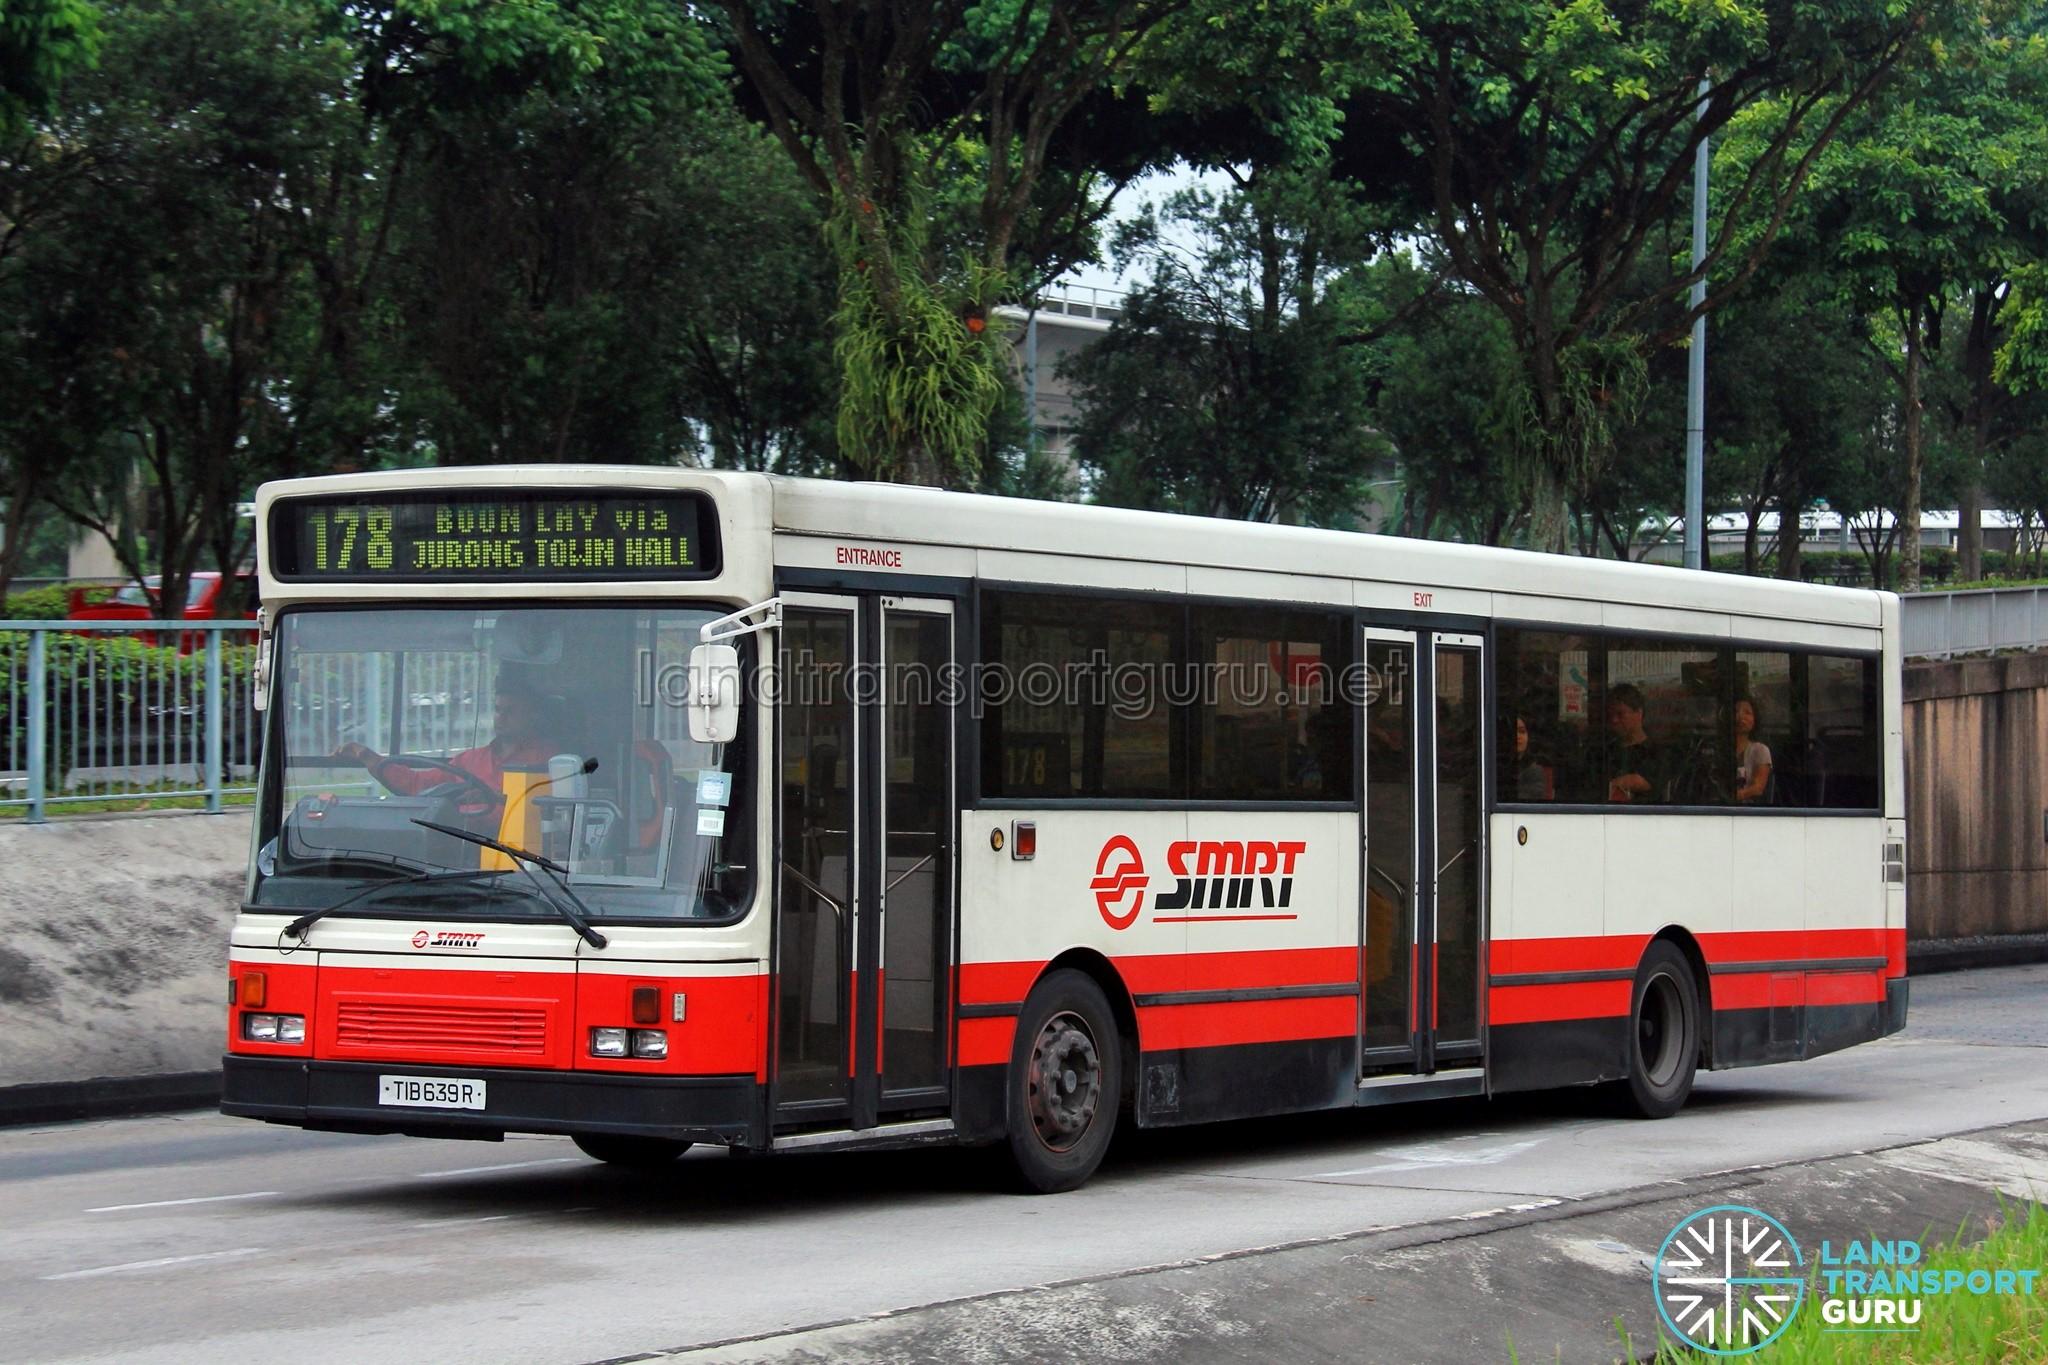 SMRT Scania L113CRL